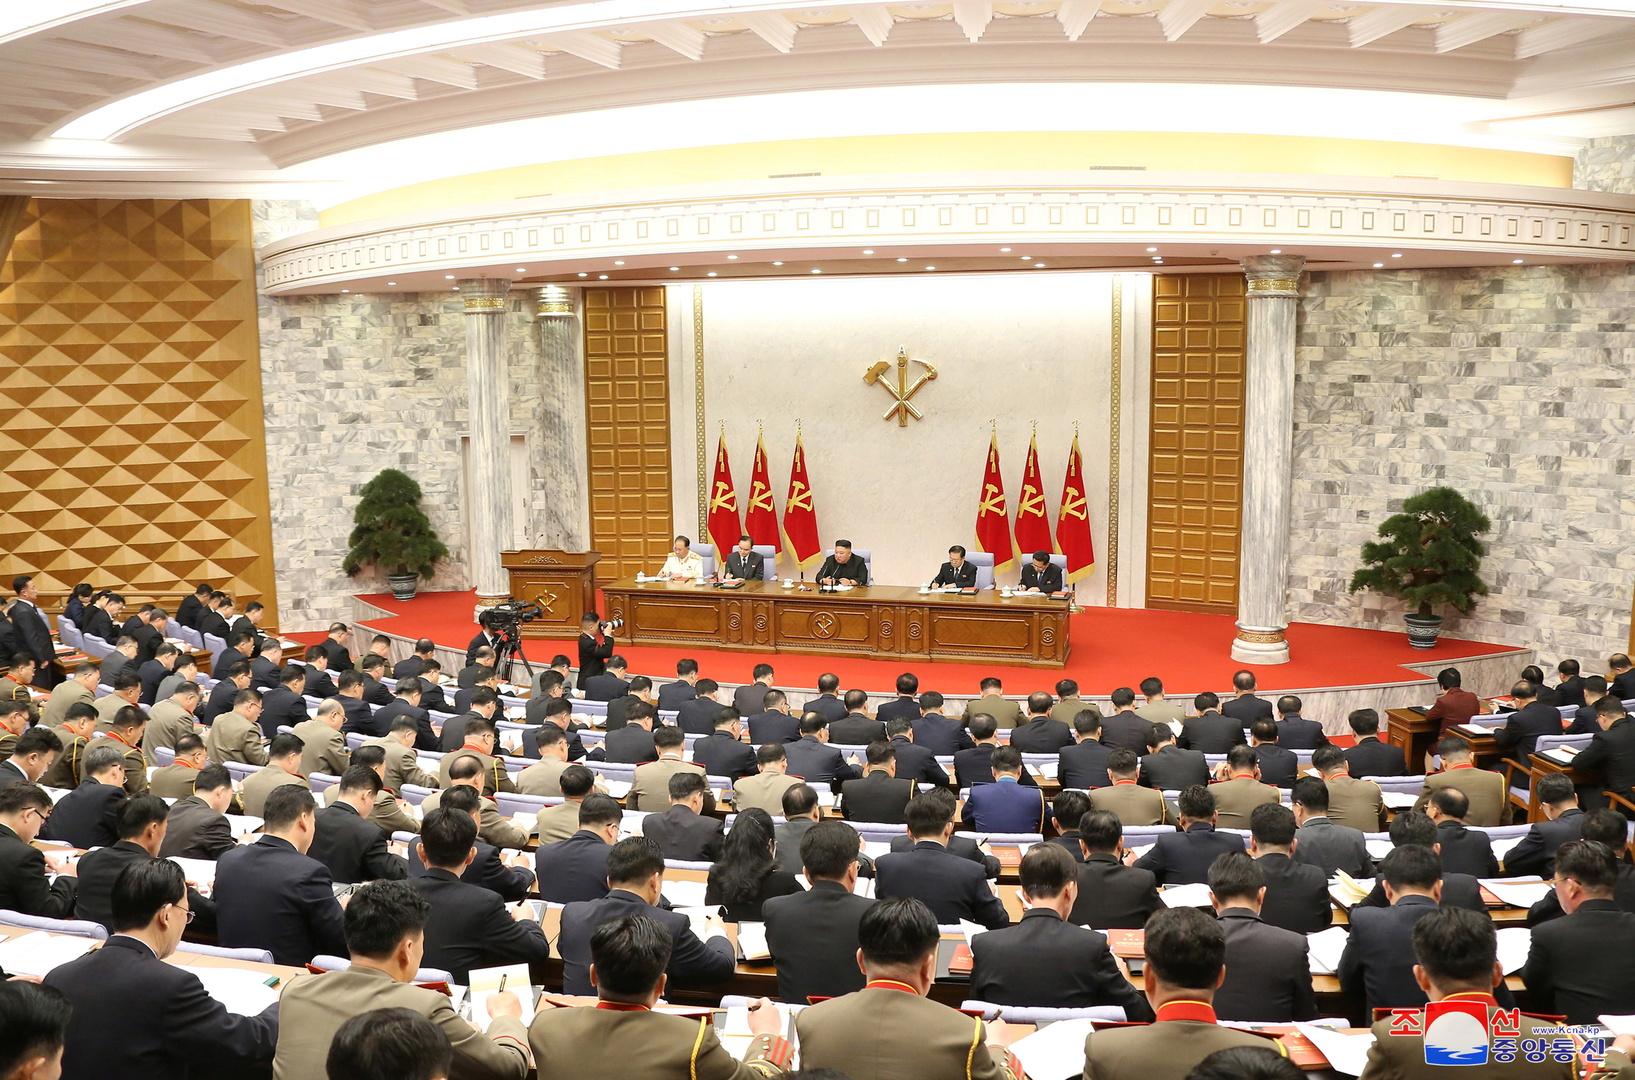 كوريا الشمالية تستعرض سبل تحقيق الأهداف الاقتصادية